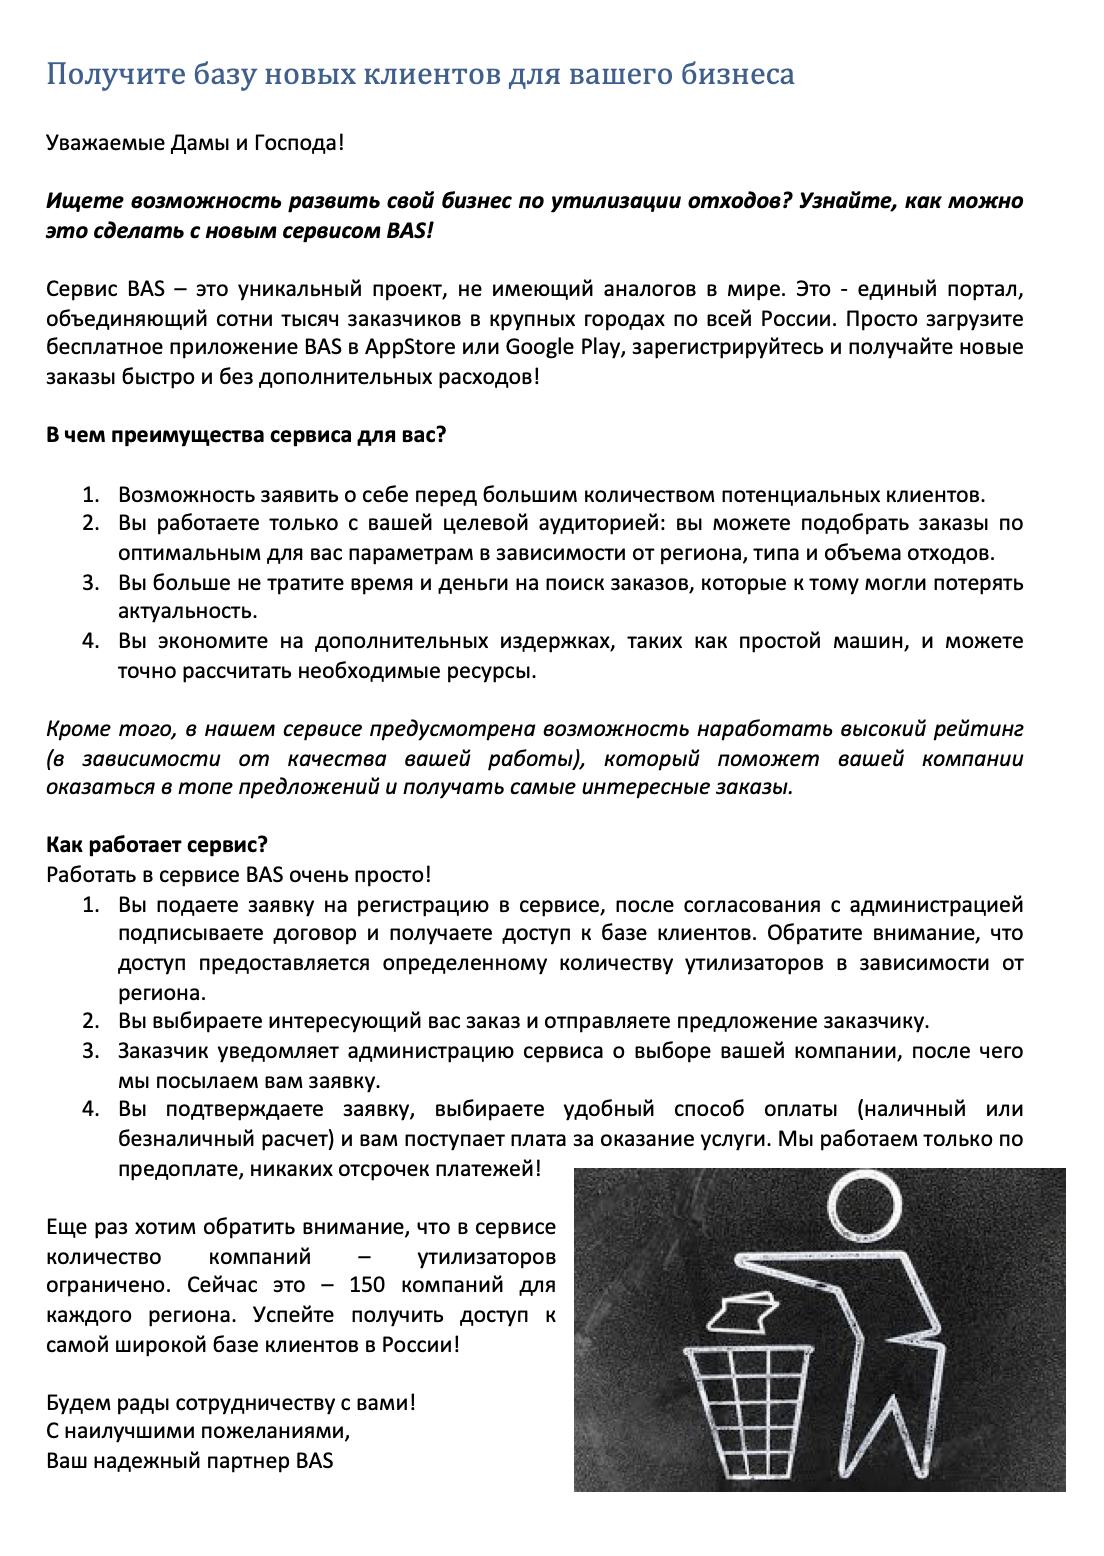 Пример коммерческого предложения #64 – Коммерческое предложение для BAS